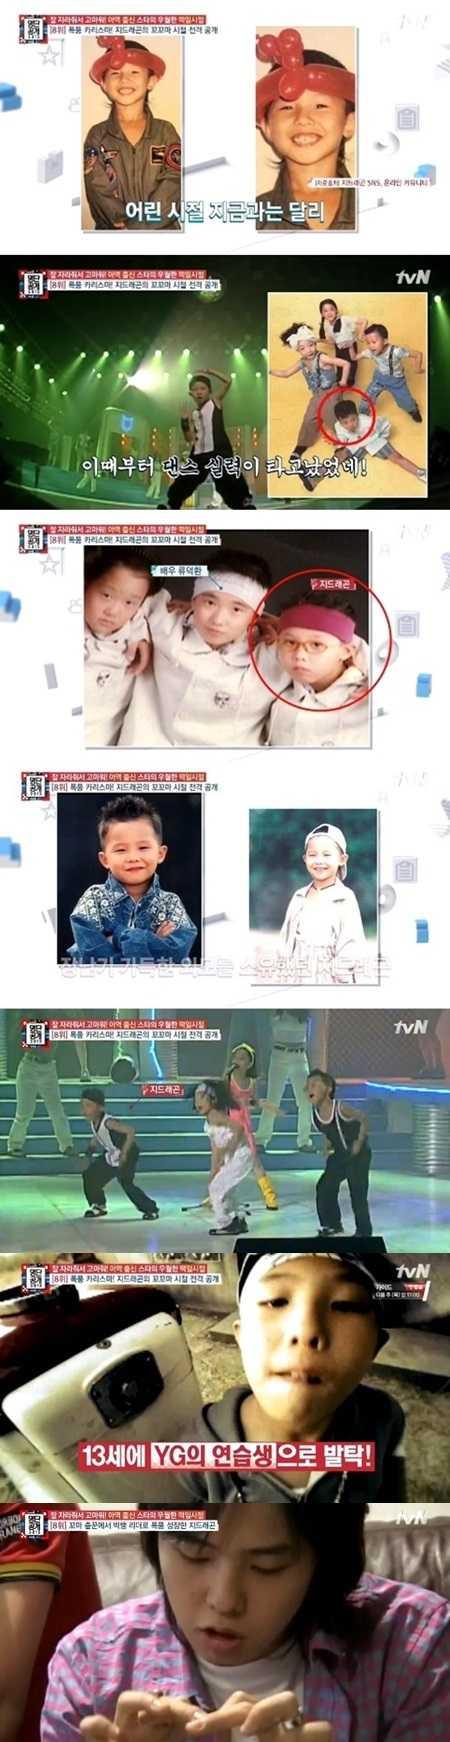 Những hình ảnh hồi bé khi G-Dragon còn là thực tập cho công ty giải trí YG Entertainment